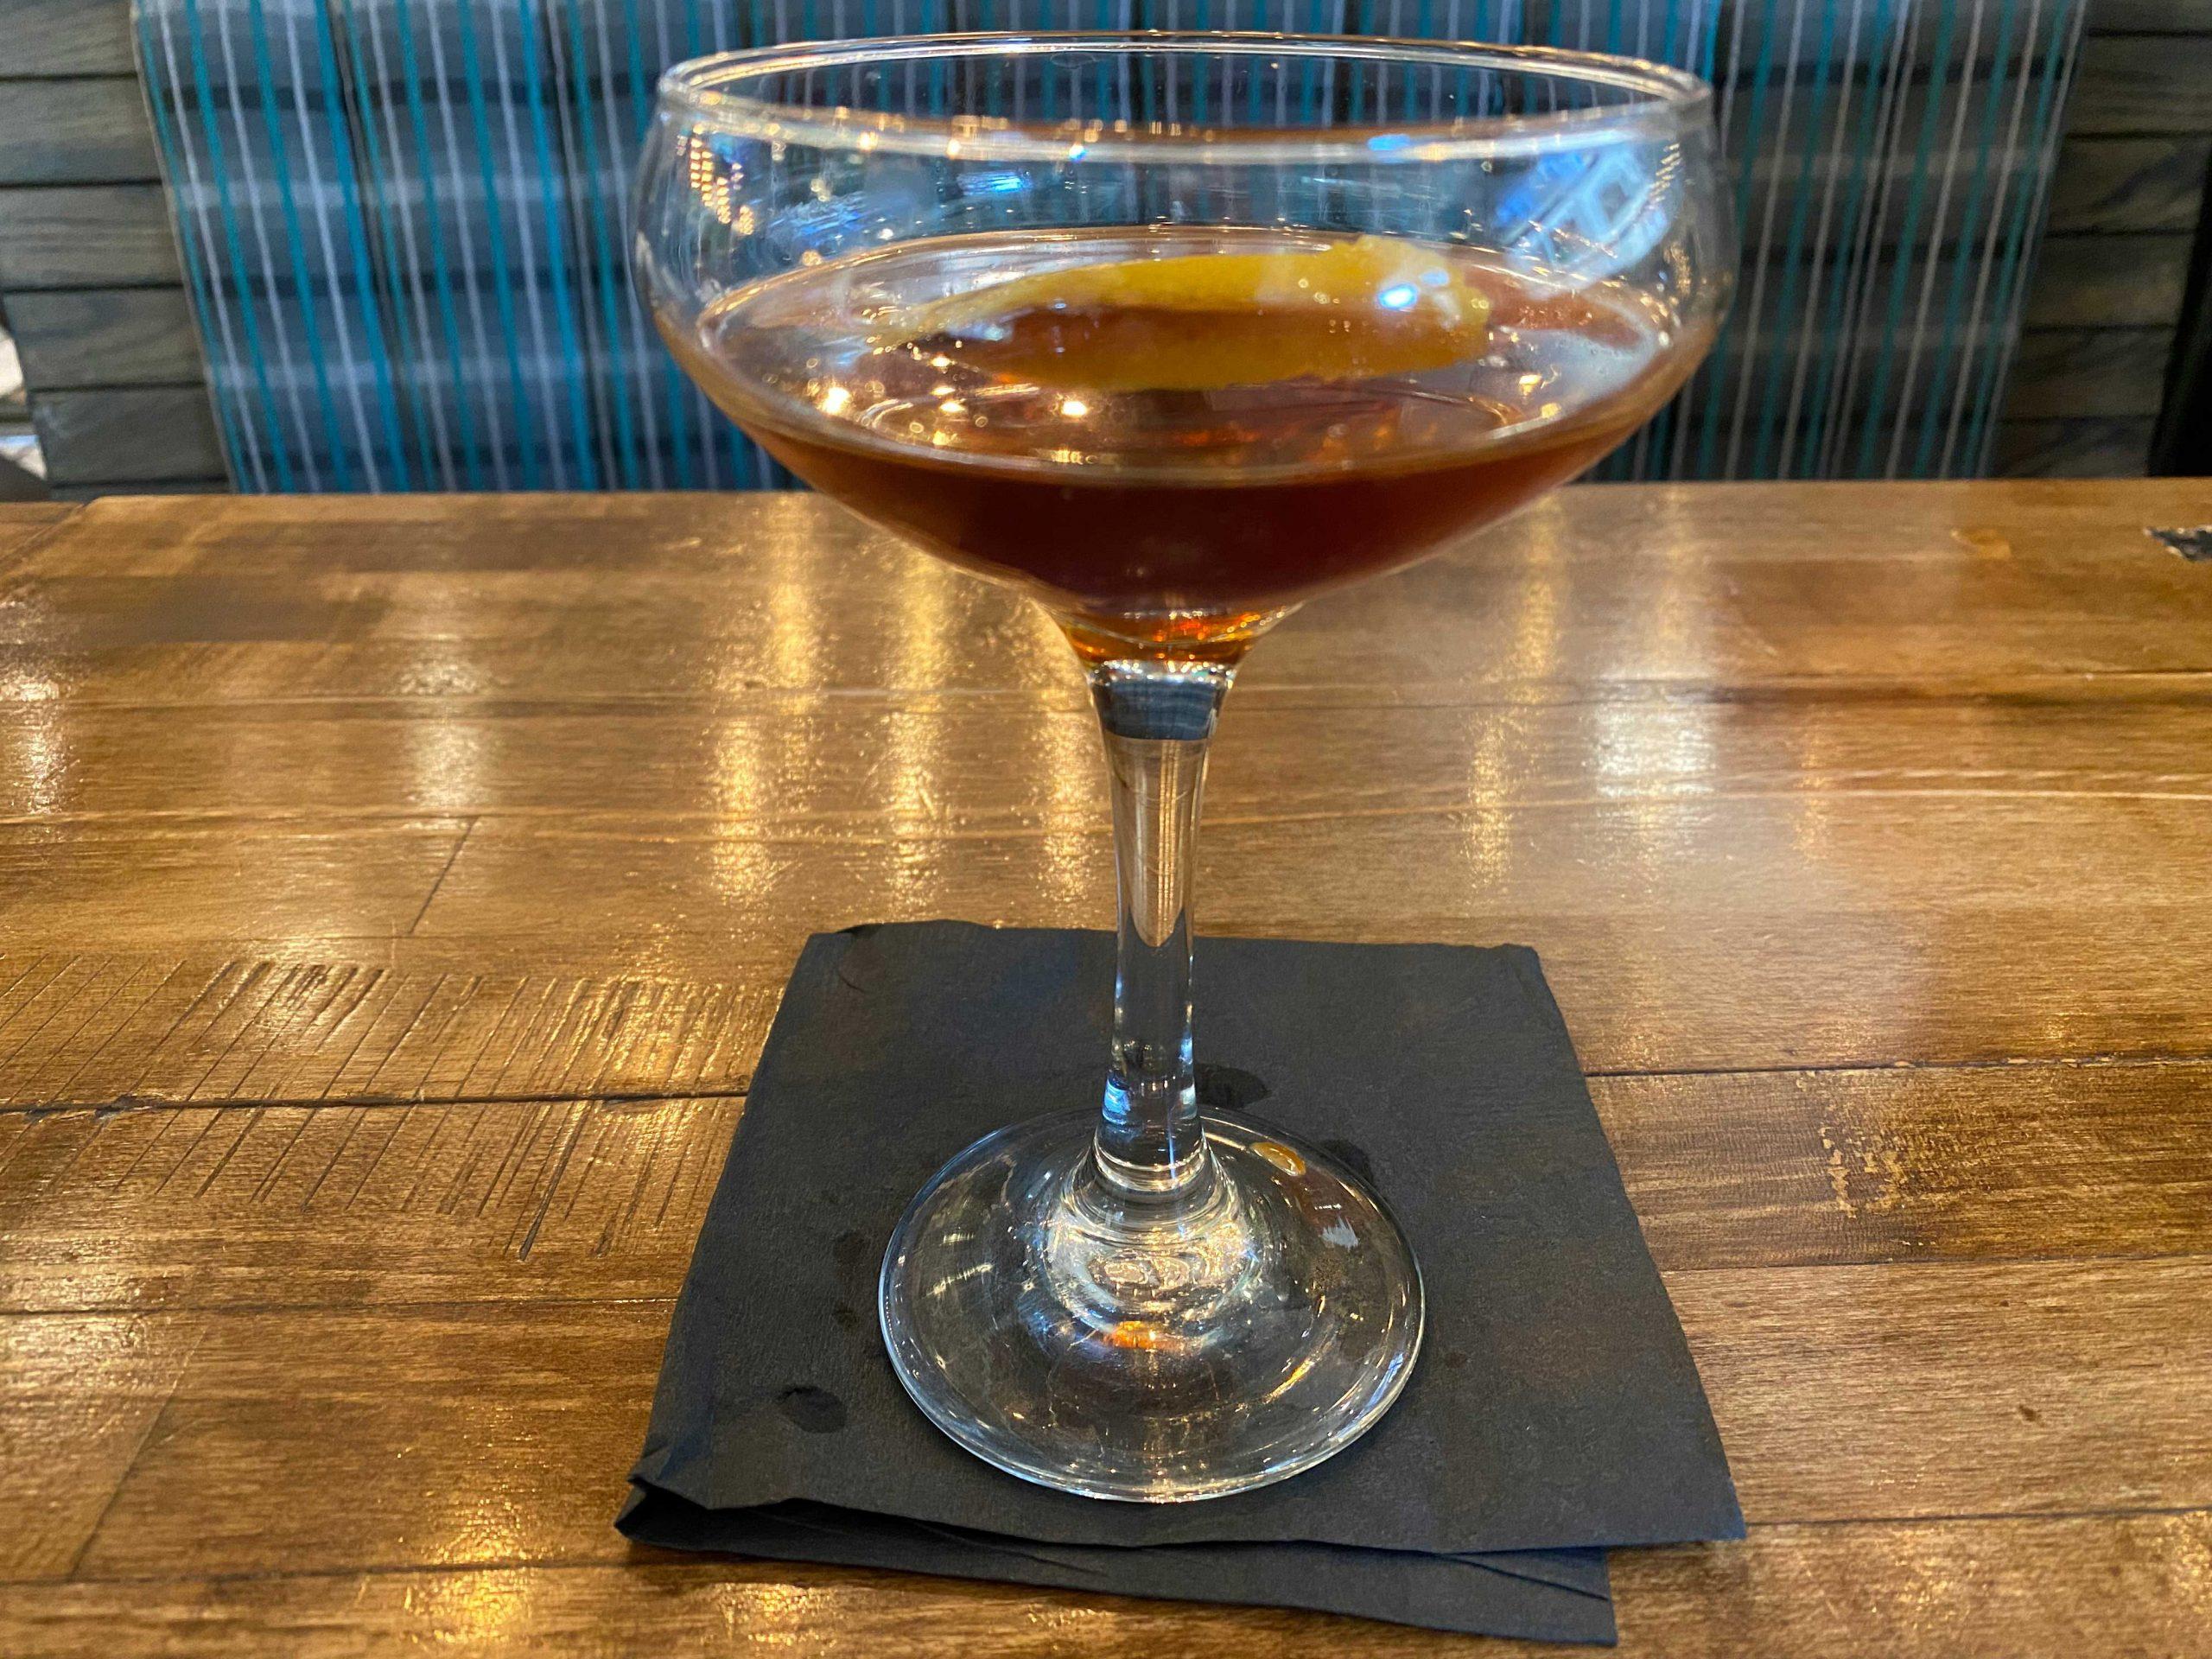 Manhattan cocktail at Hand Cut Chophouse in Scottsdale. Photo by Matthew Johnson, PHOENIX